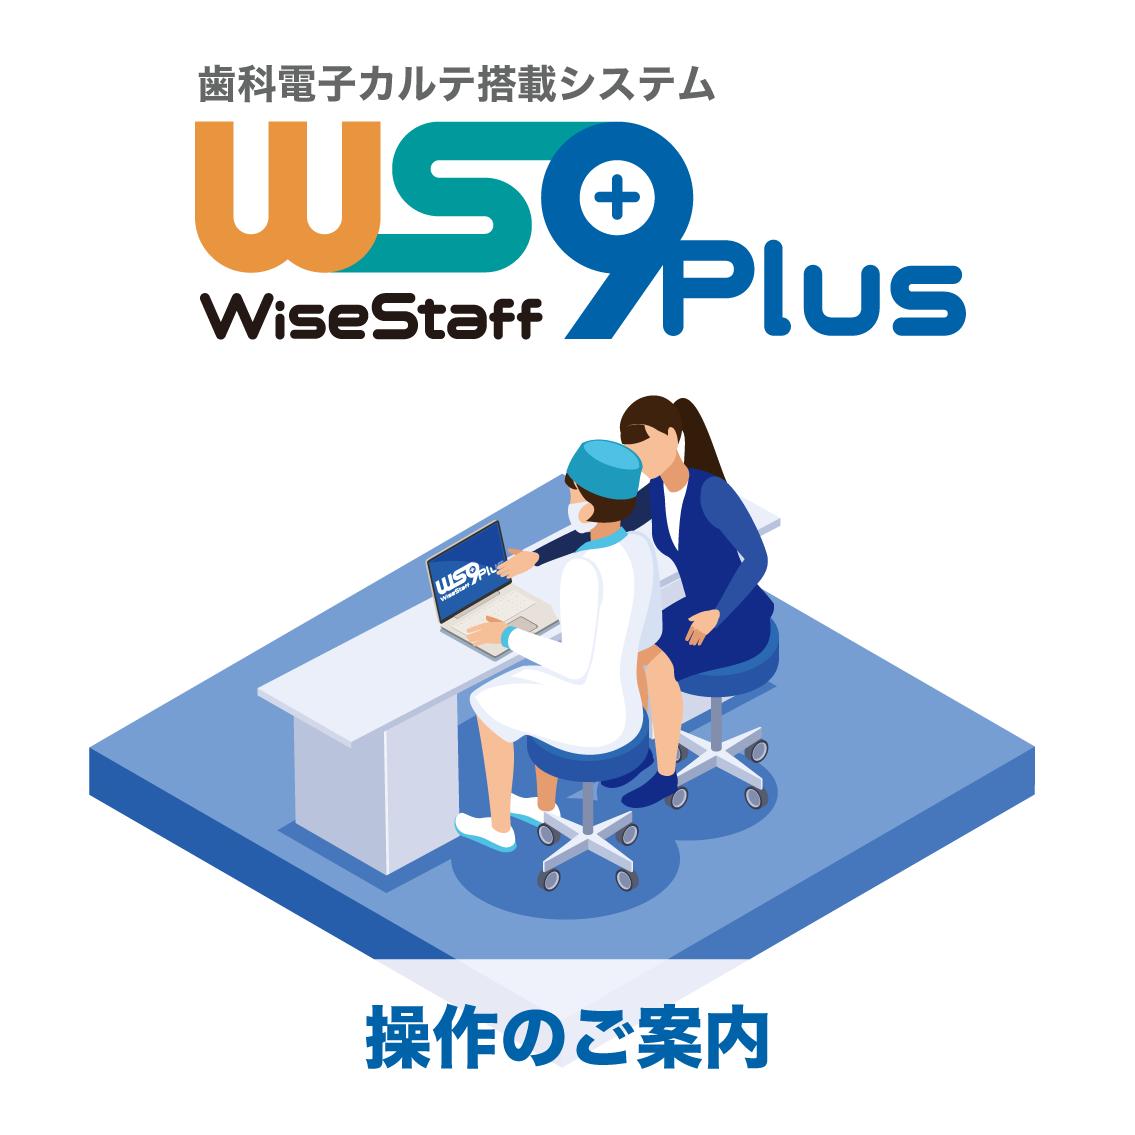 WiseStaff-9 Plus 操作講習動画